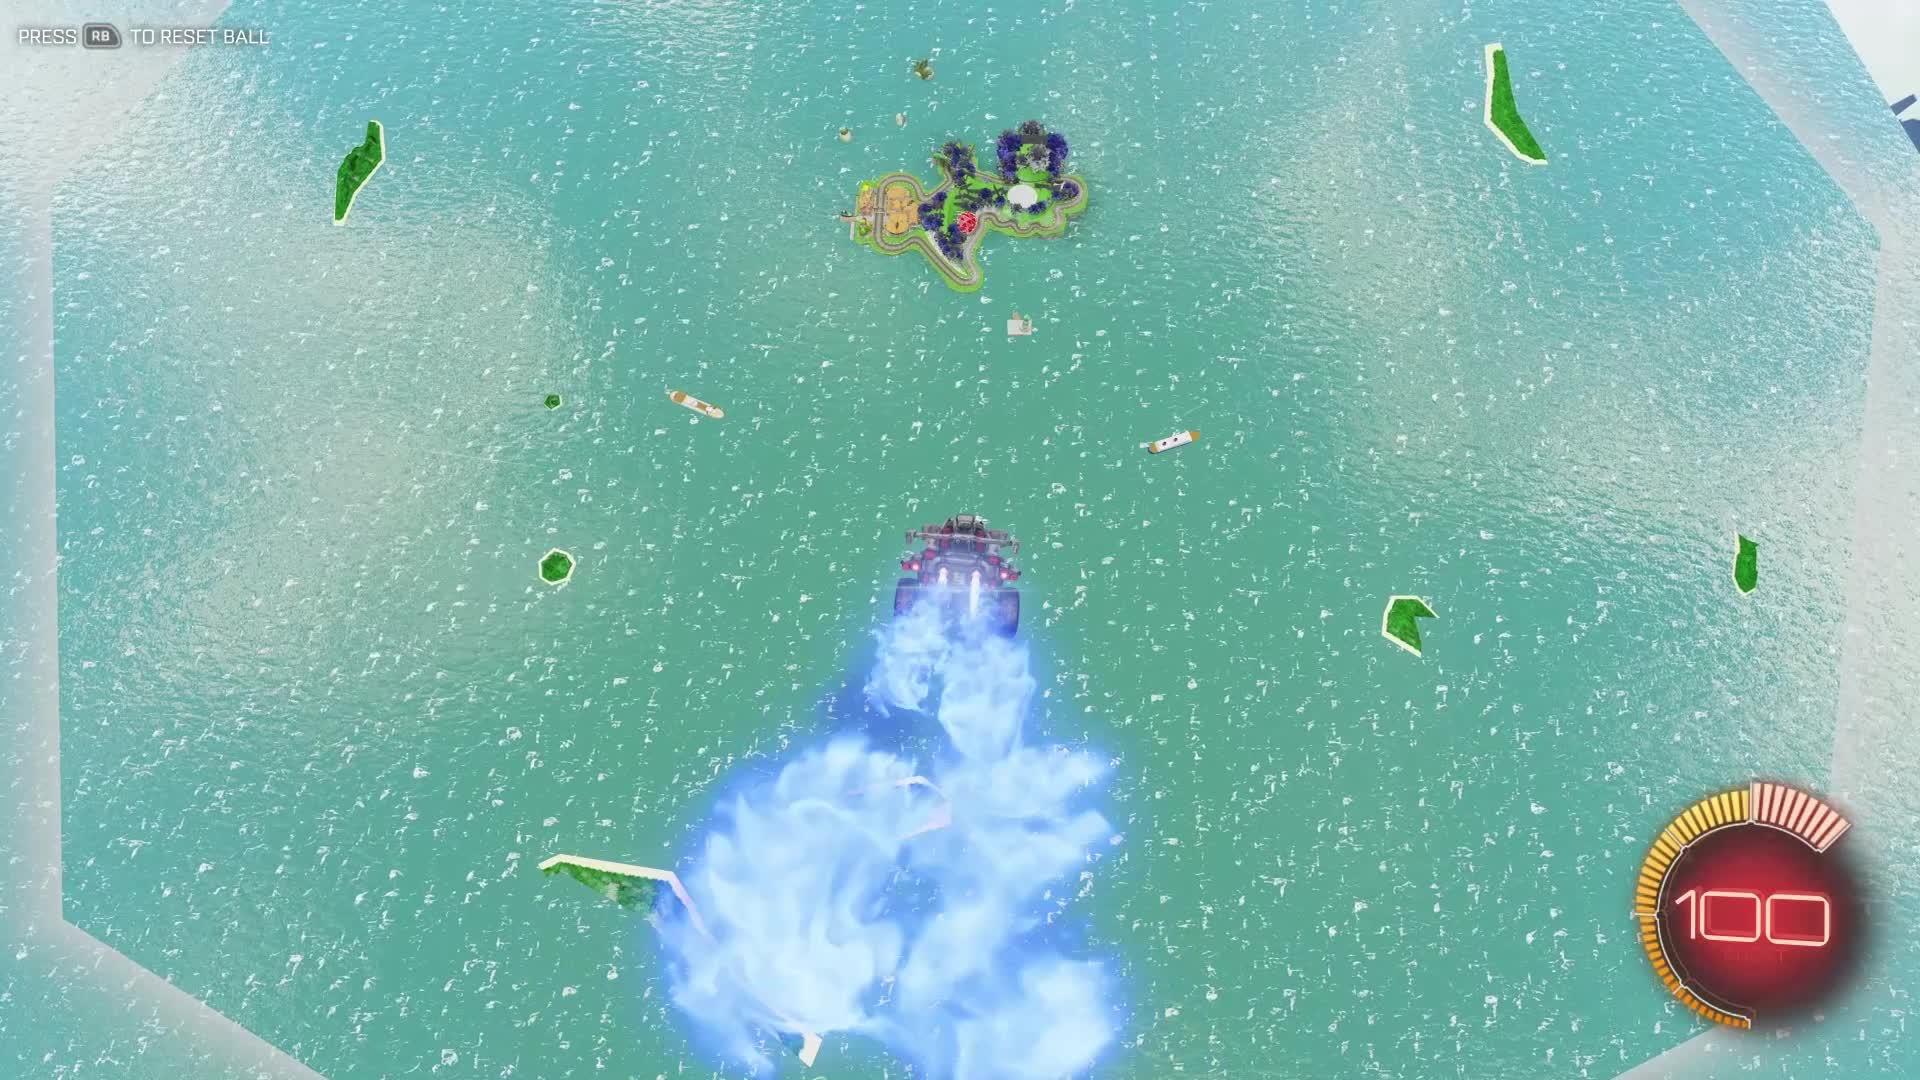 Yoshi Circuit in Rocket League GIFs